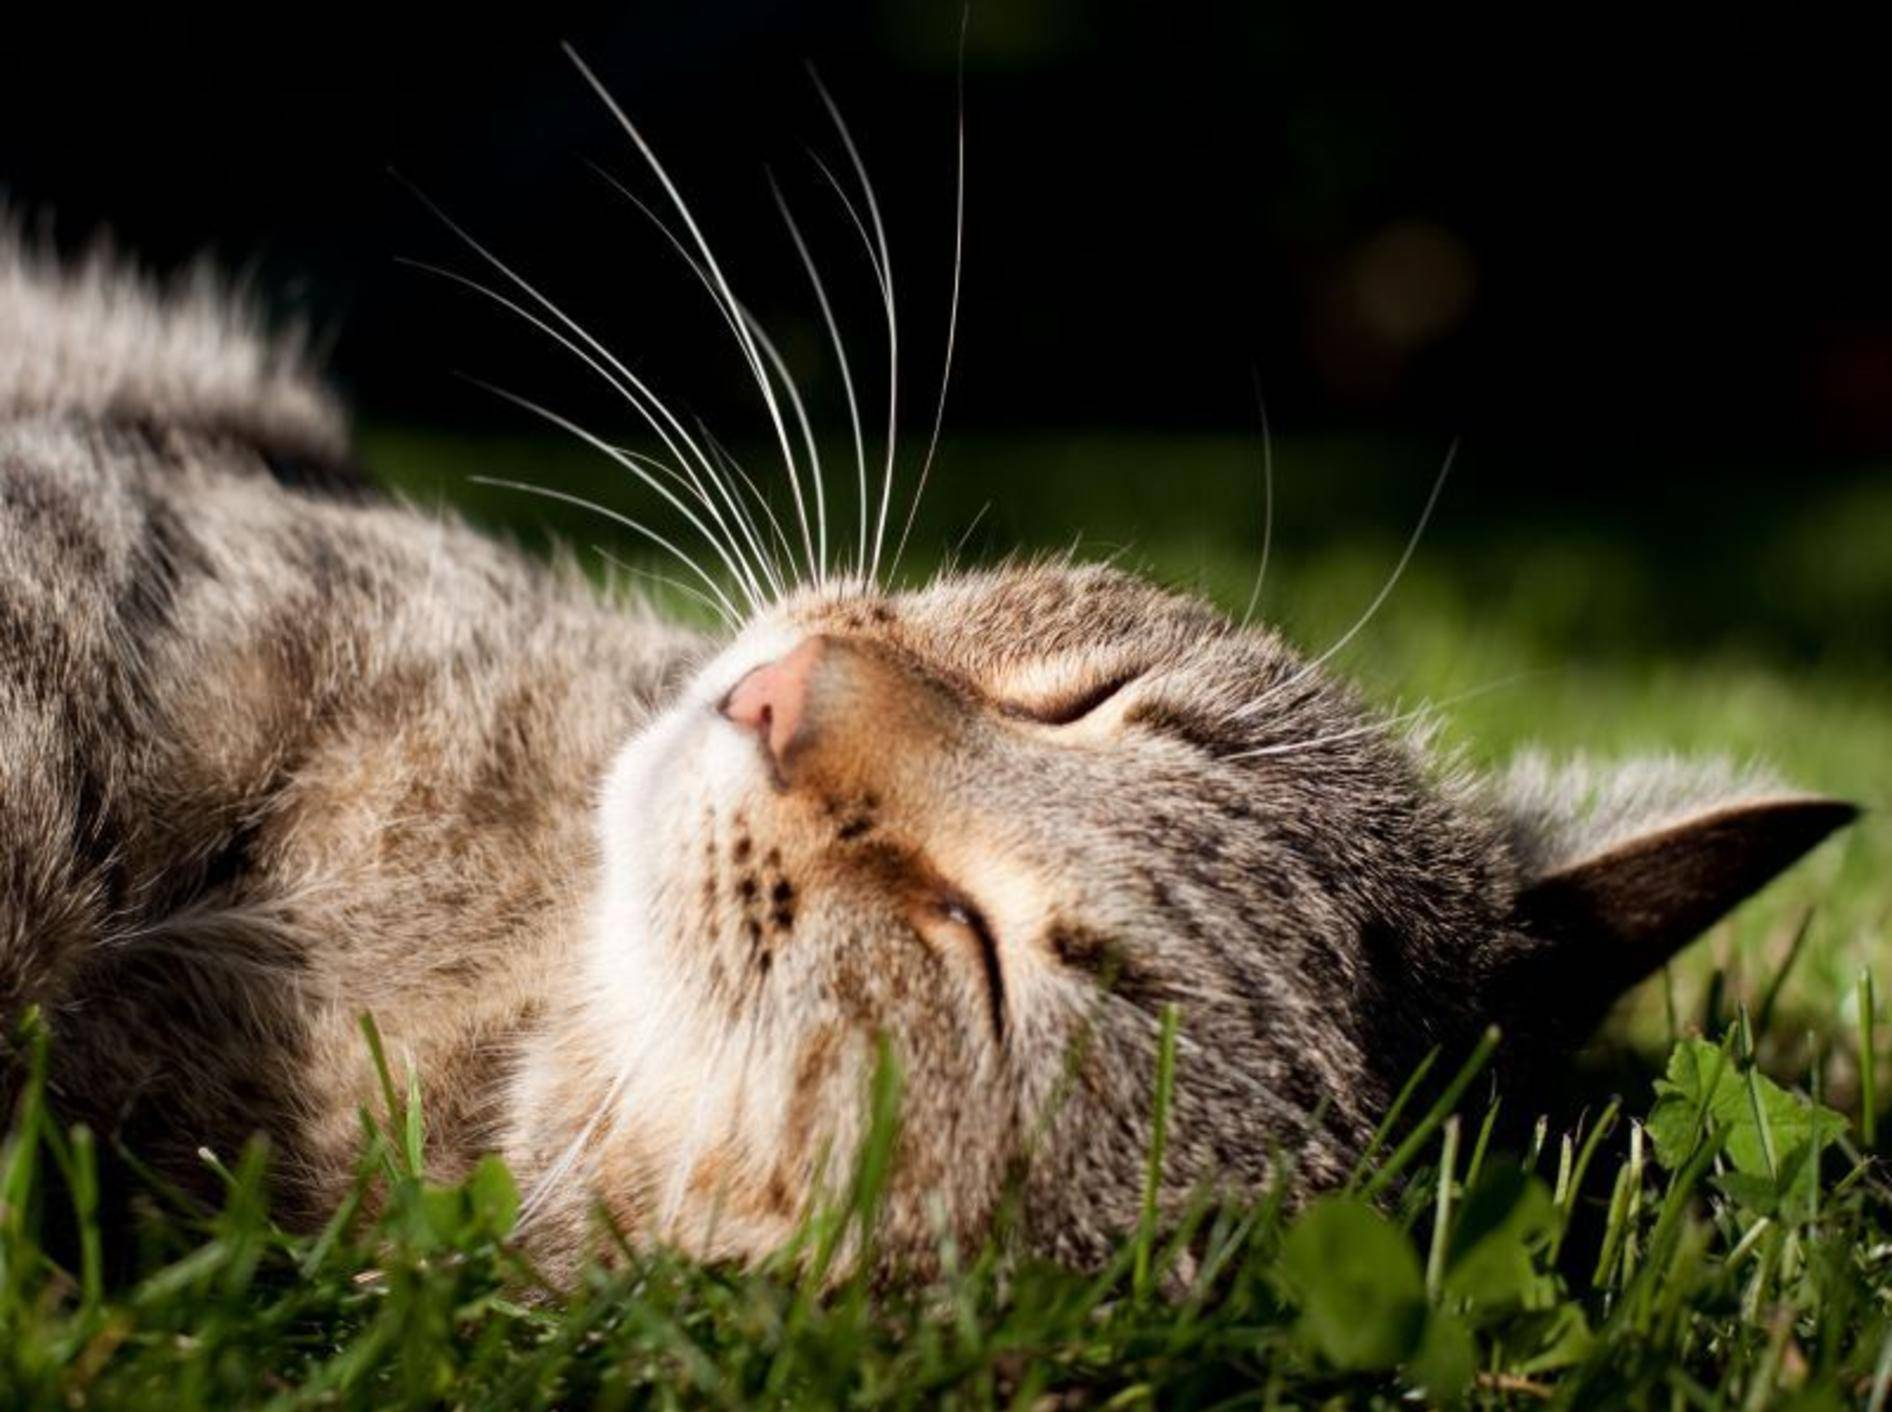 Katze-Schlaeft-Wiese-Hauskatze